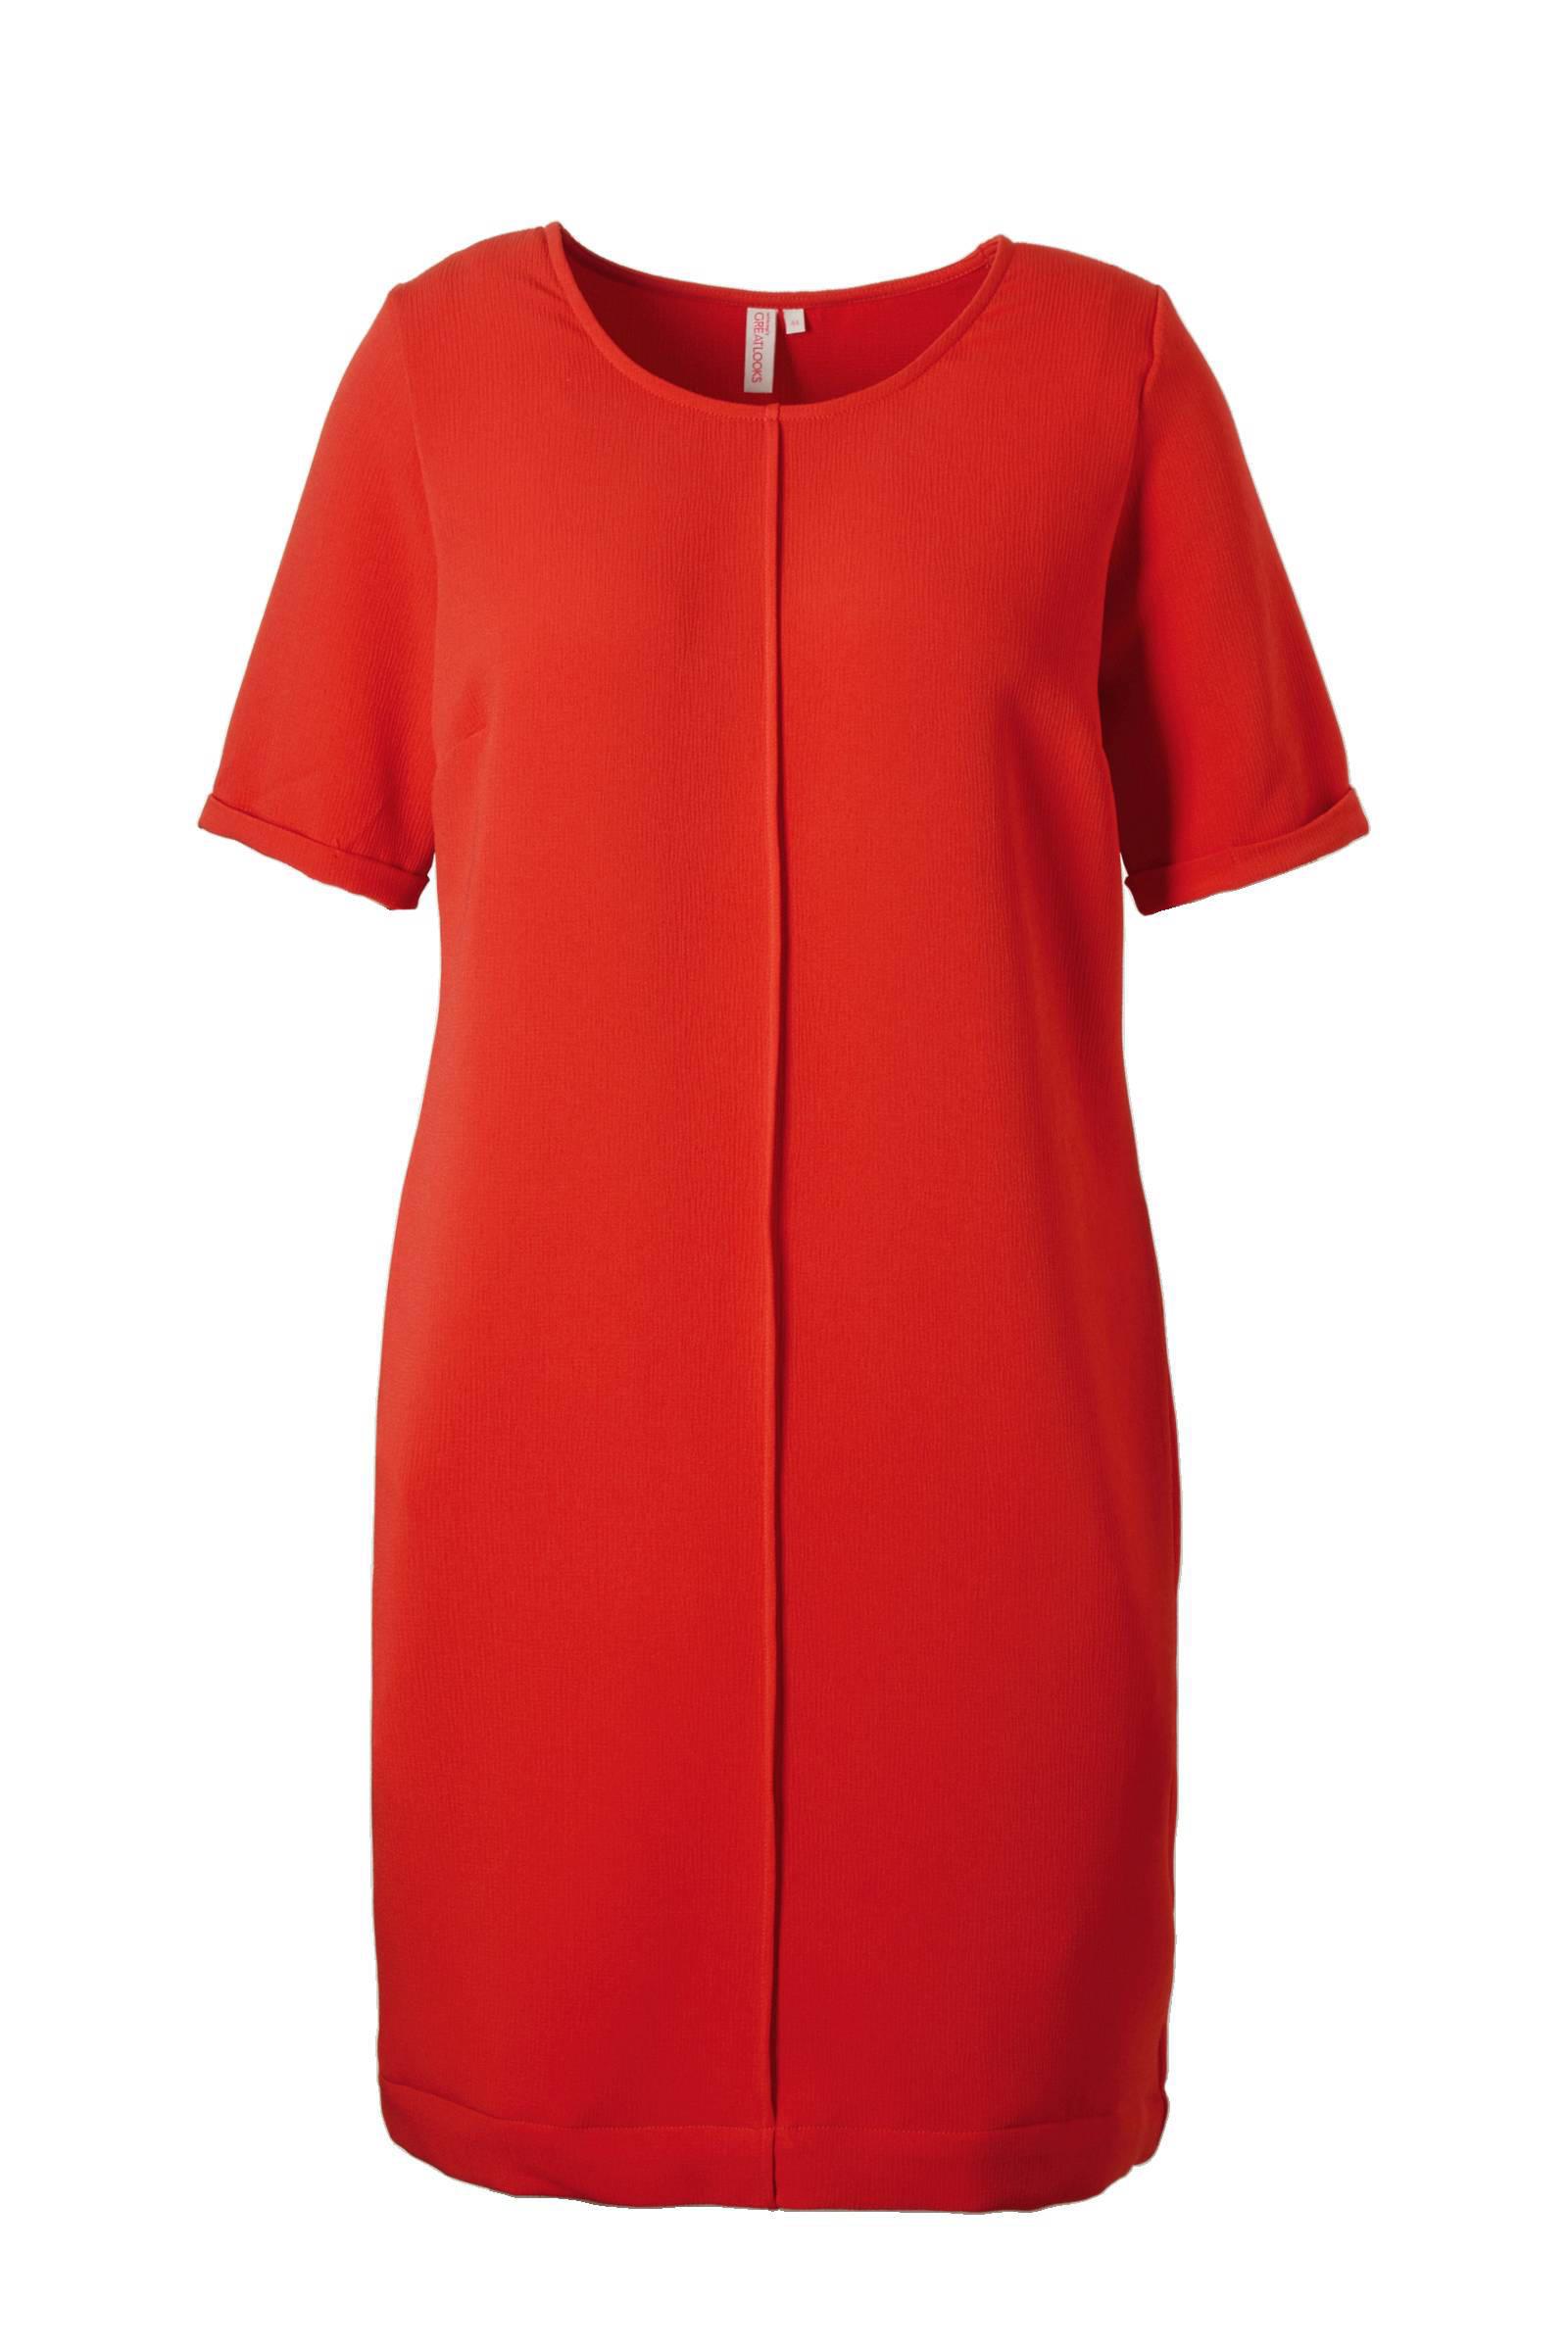 whkmp's great looks jurk met omgeslagen mouwen